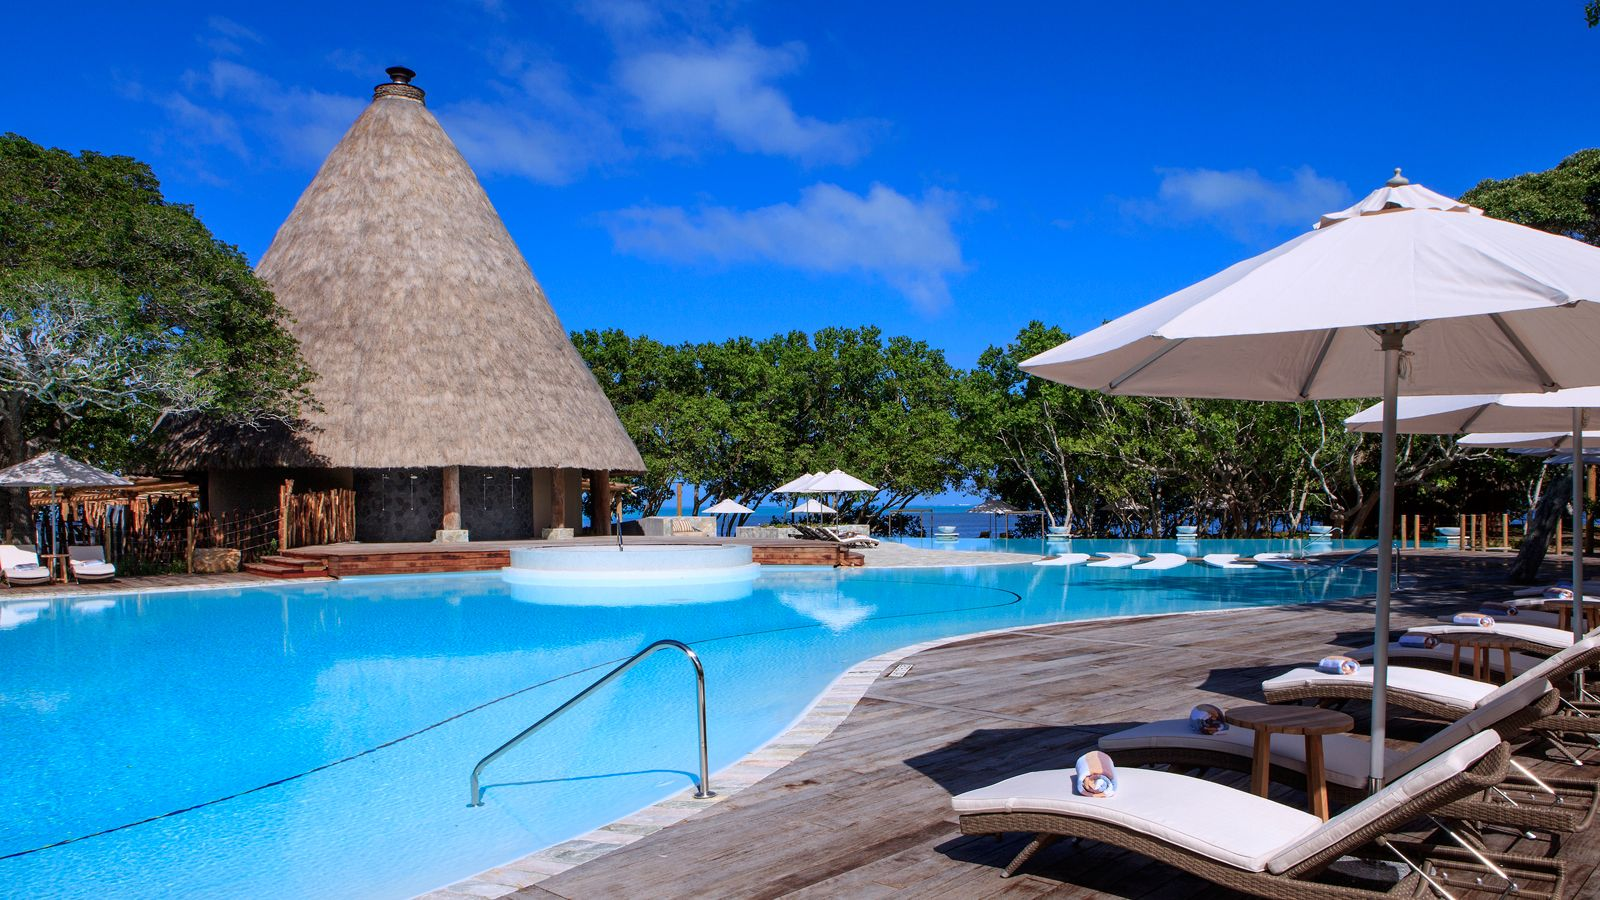 Sheraton New Caledonia Deva Spa and Golf Resort  swimming